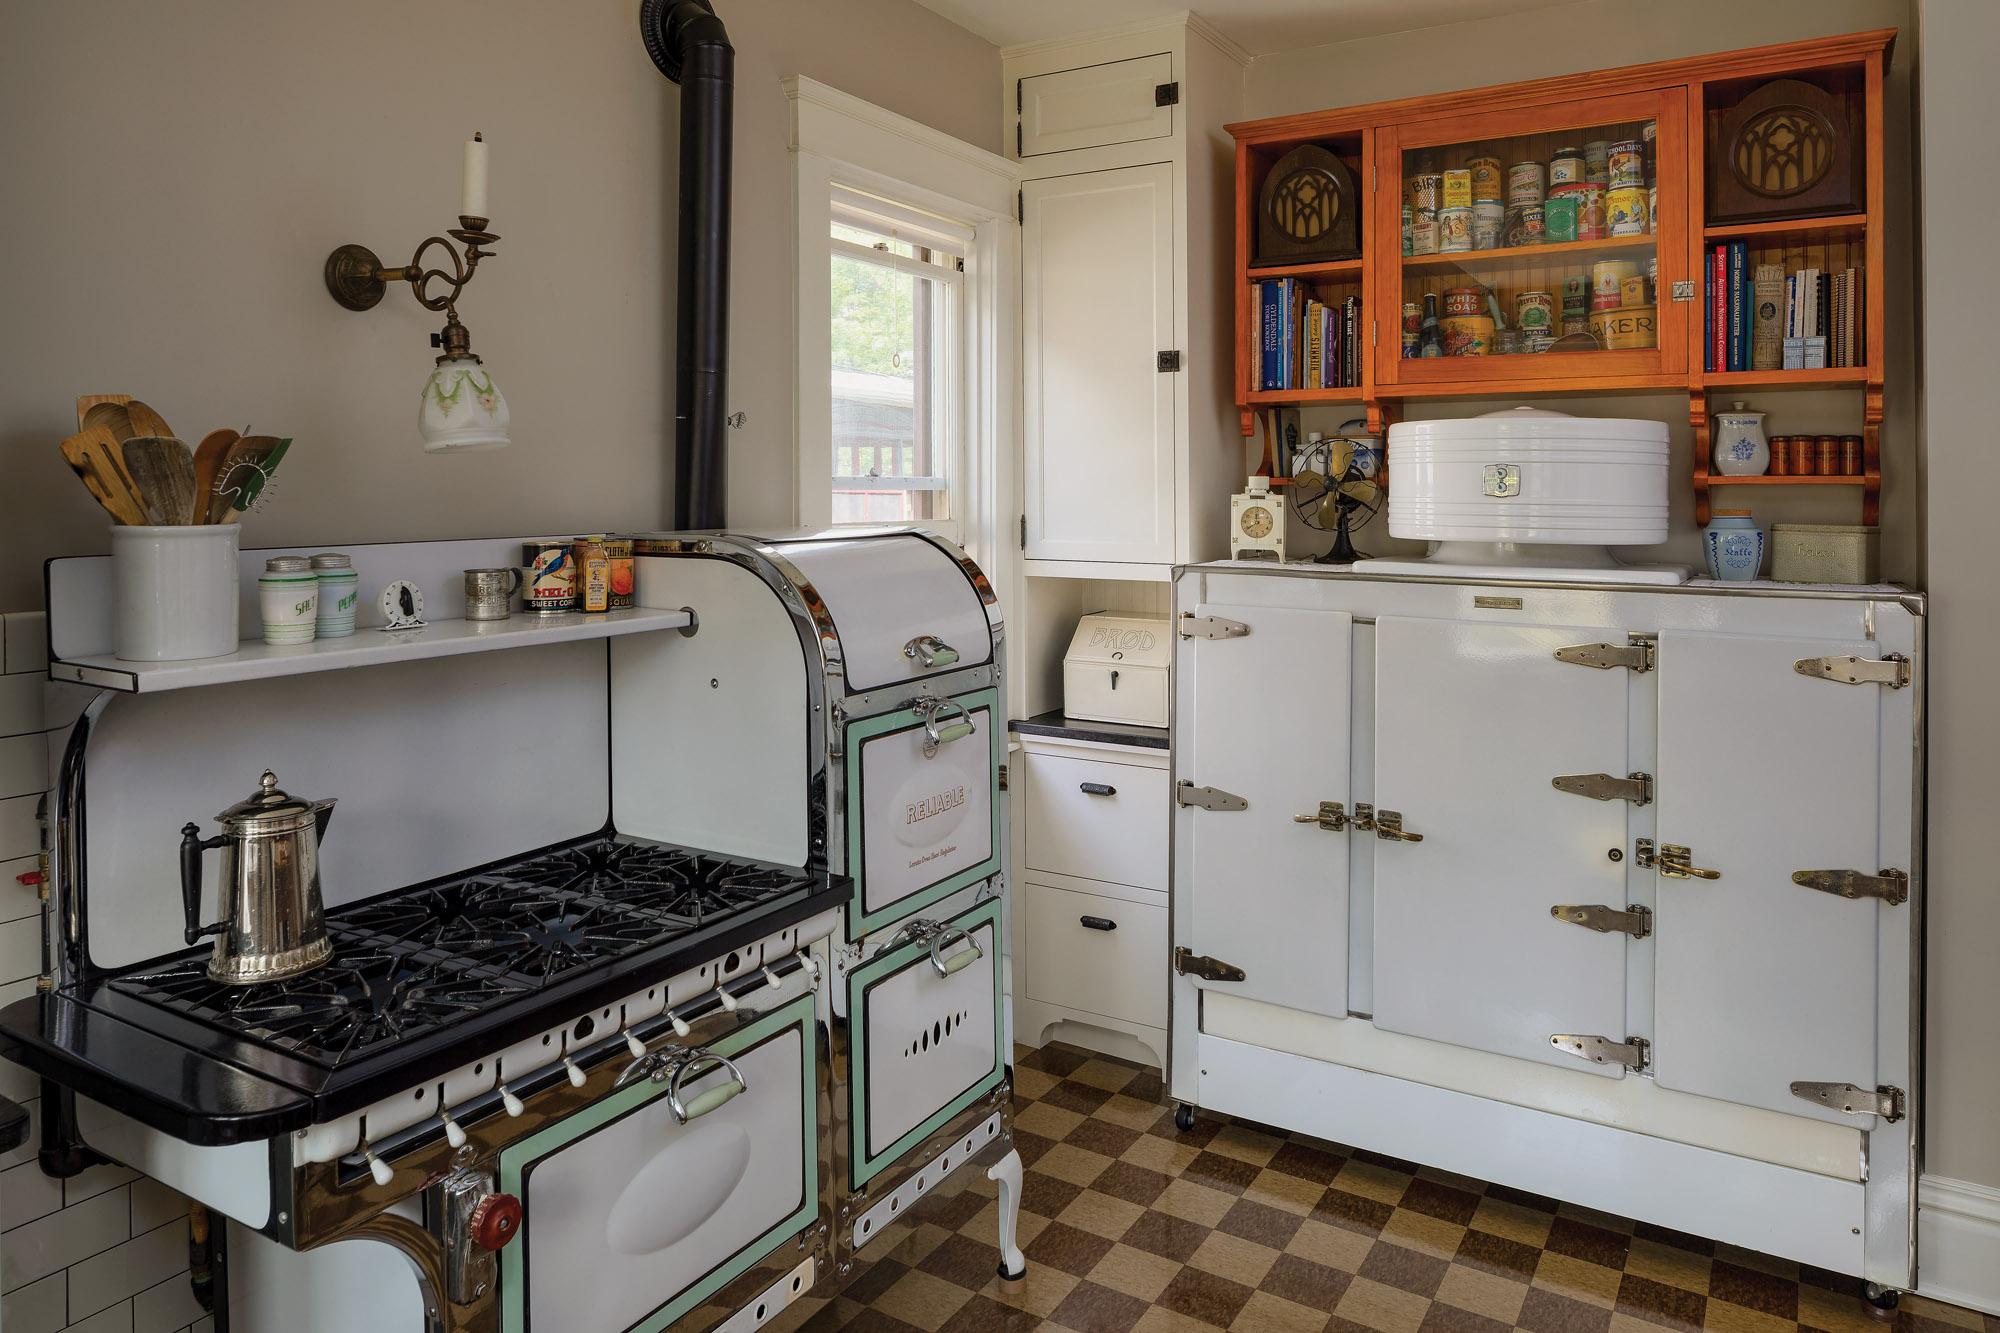 Hiding Modern Amenities in Older Homes